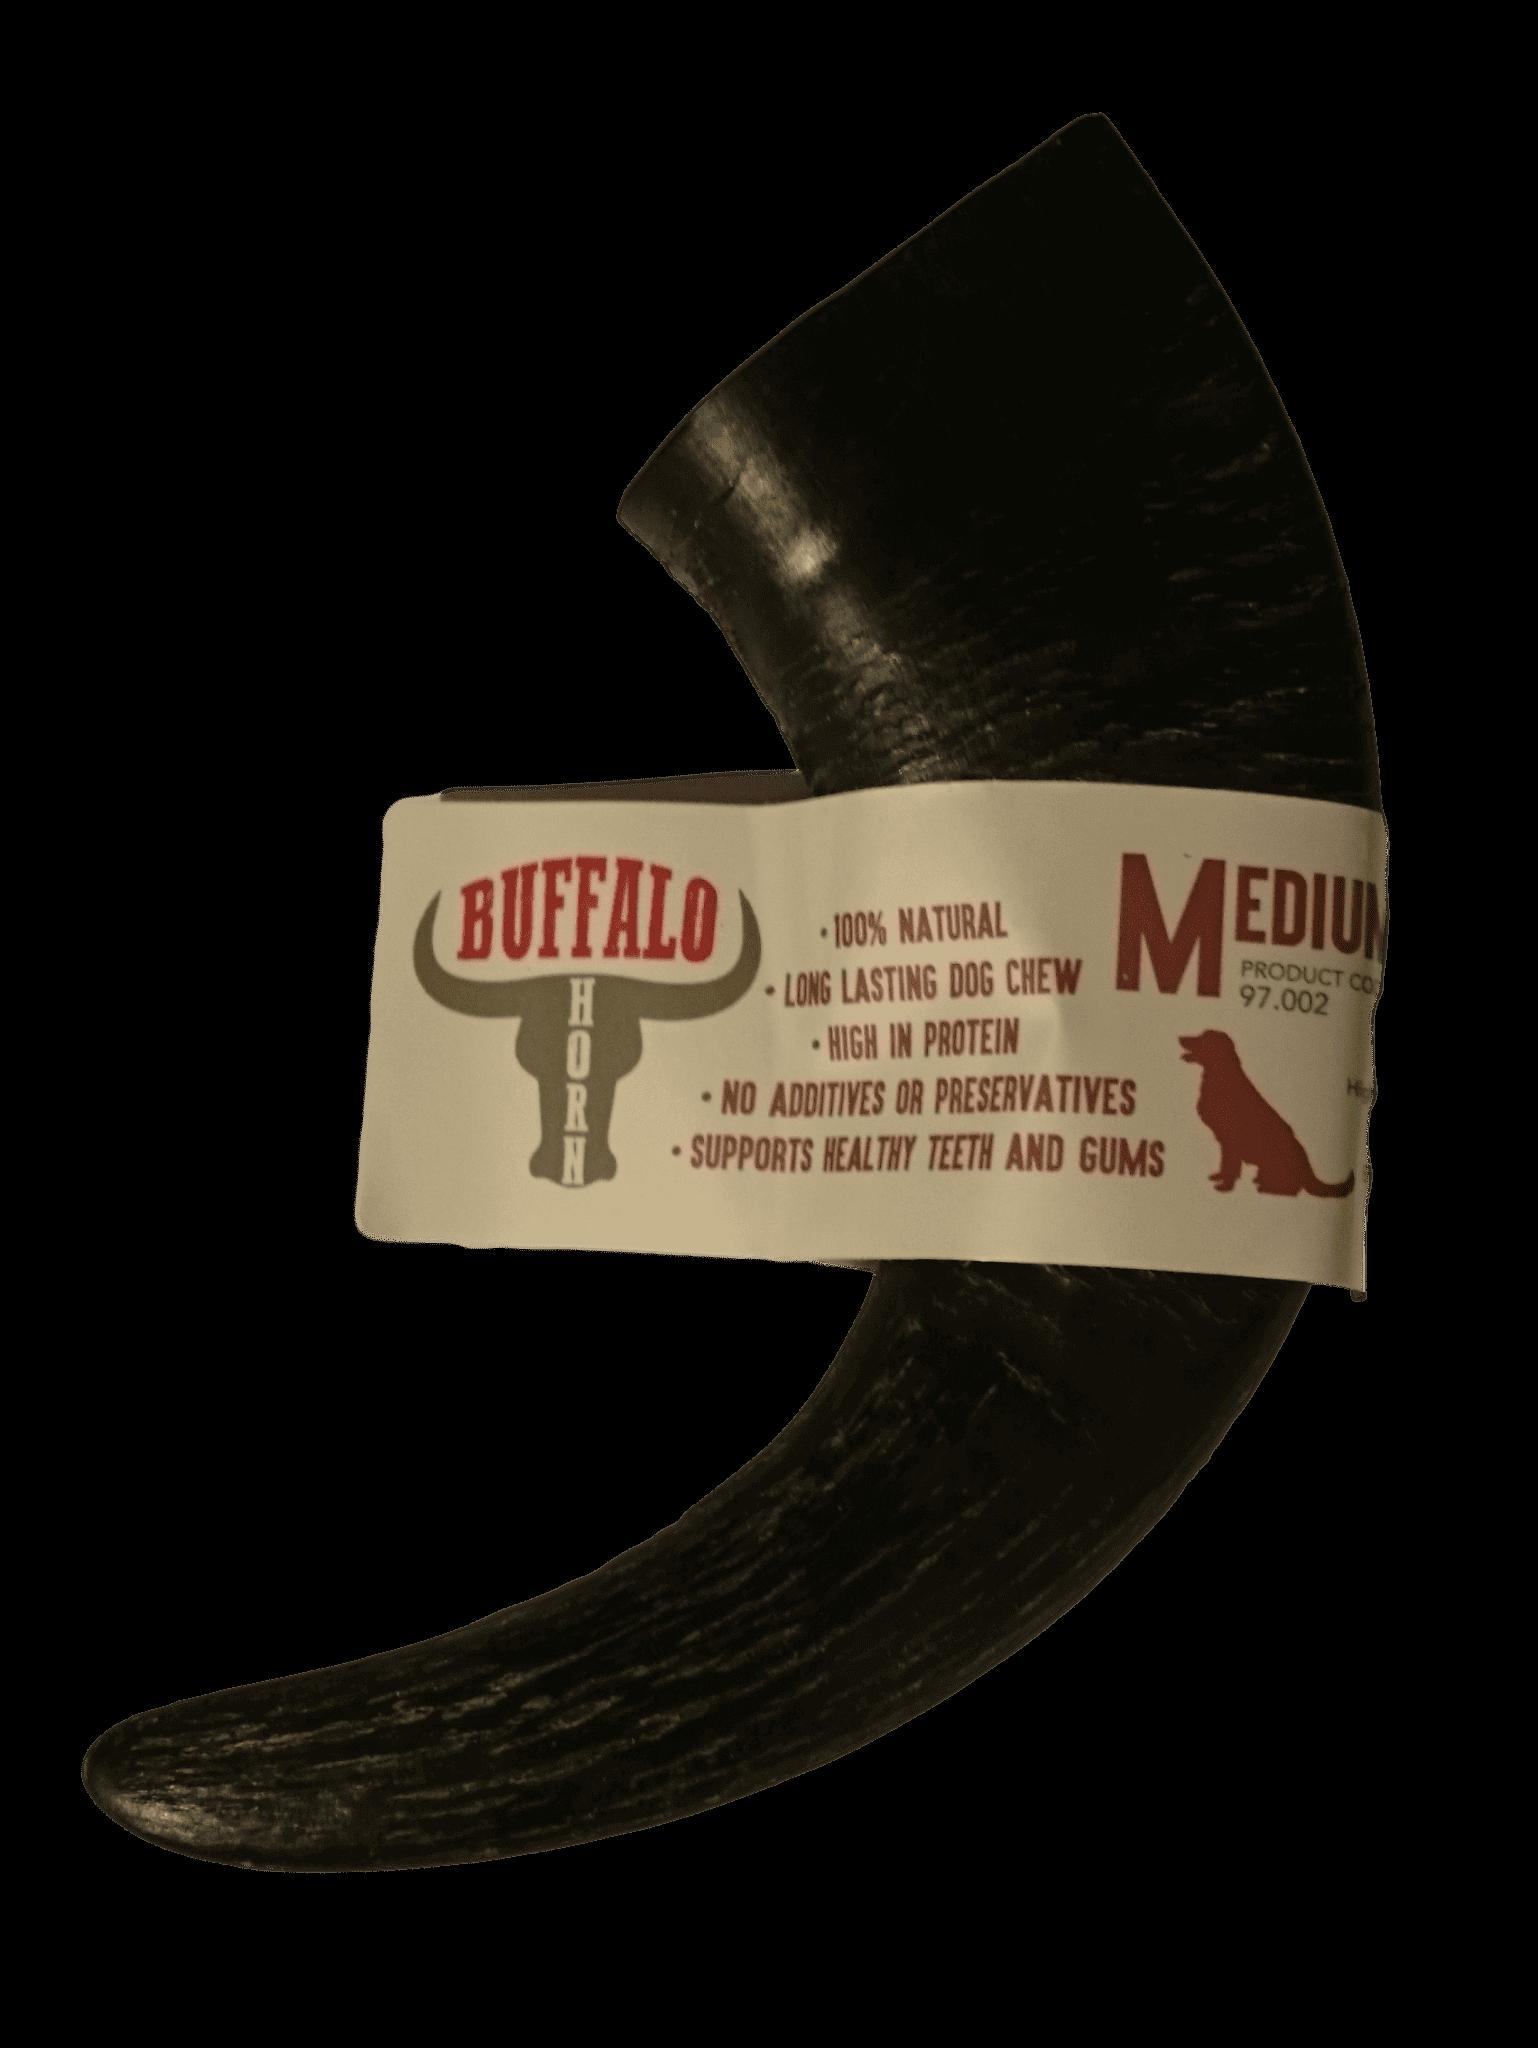 Buffalo Horn 100% Natural Dog Chew